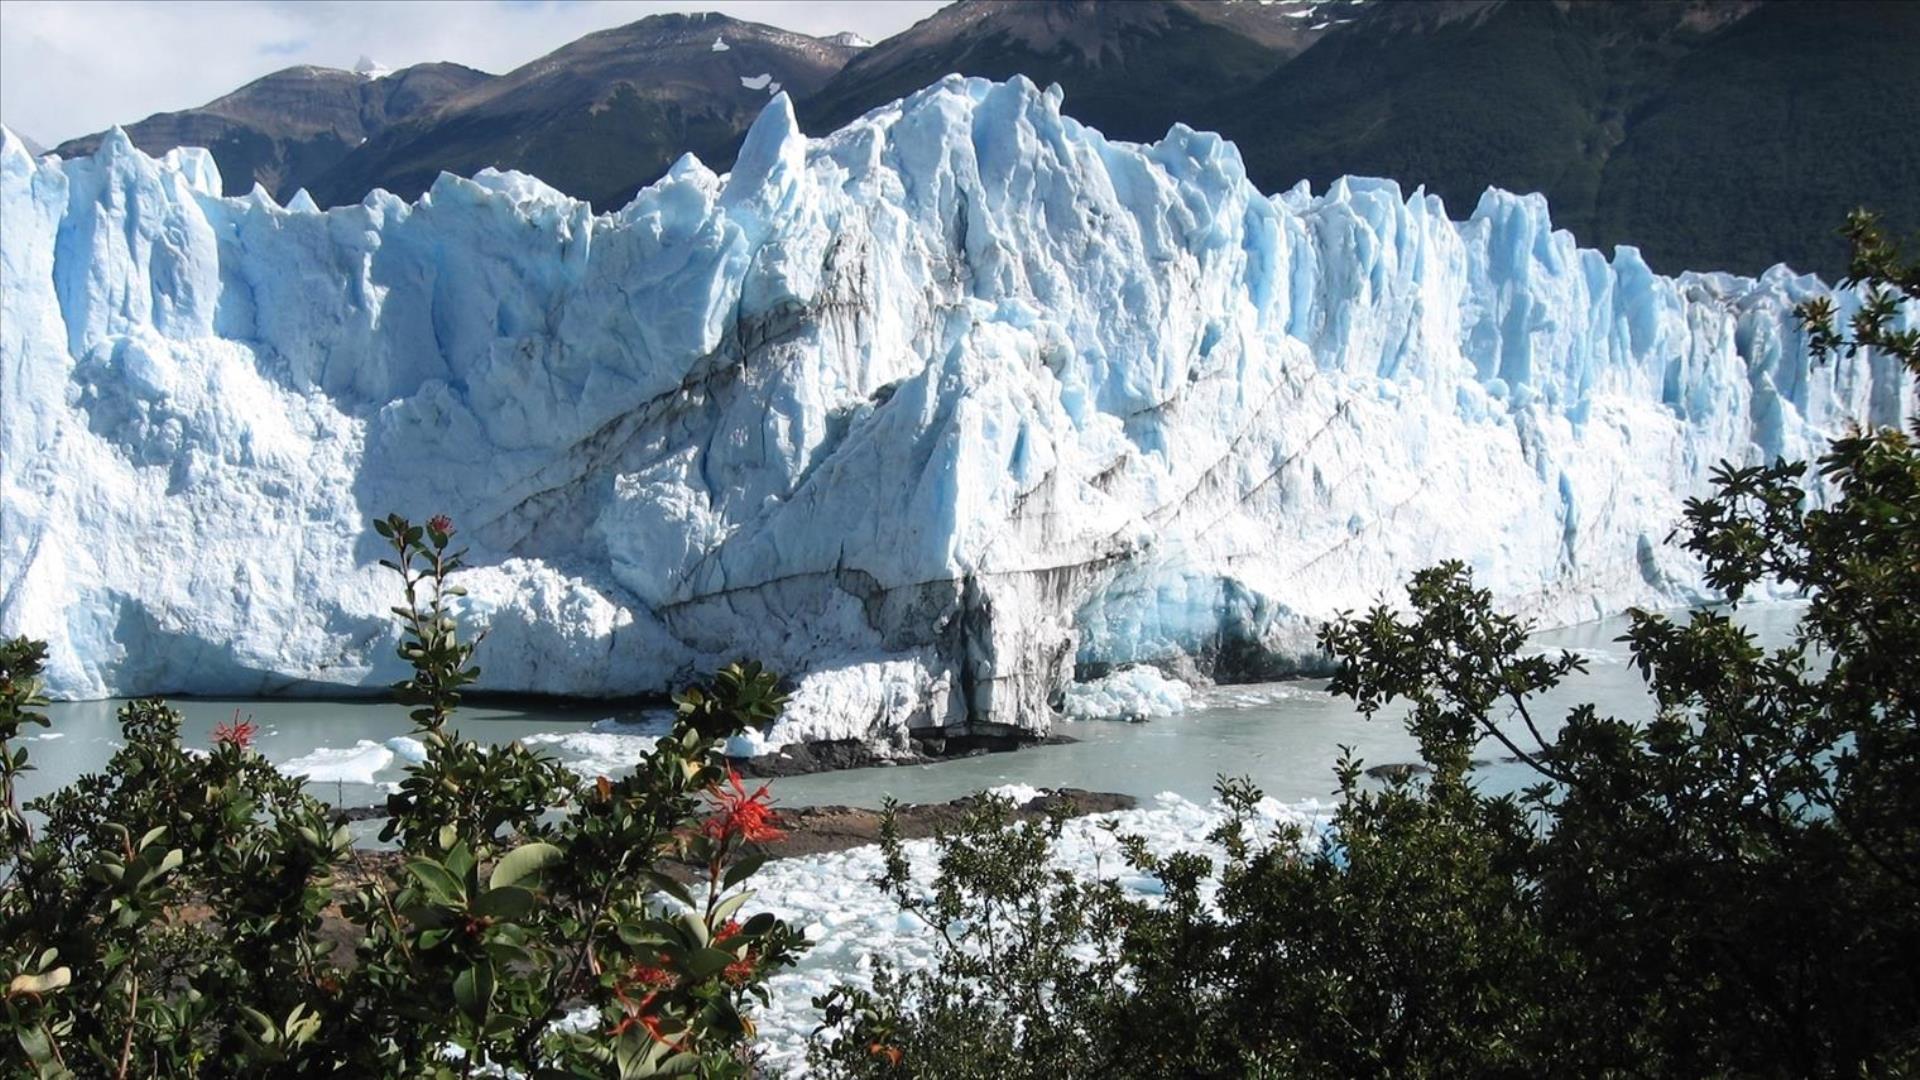 Argentinien und Chile / Patagonien, Feuerland: 15 Tage Trekkingreise in der Kleingruppe - Patagonien aktiv entdecken